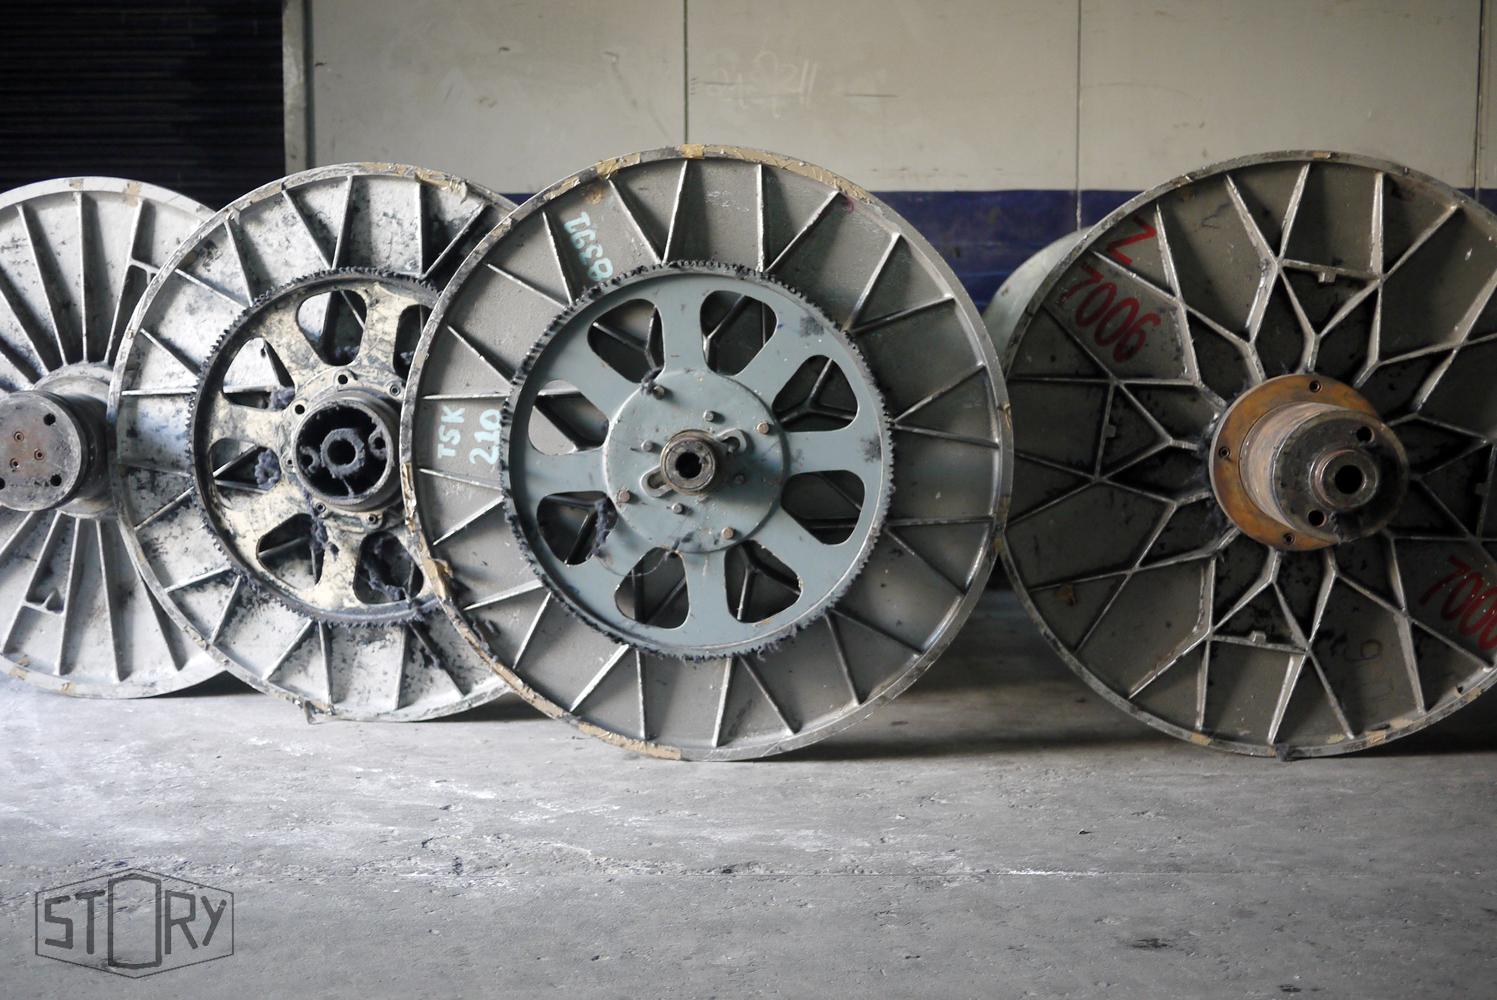 10_STORYmfg_NixNi_manufacture